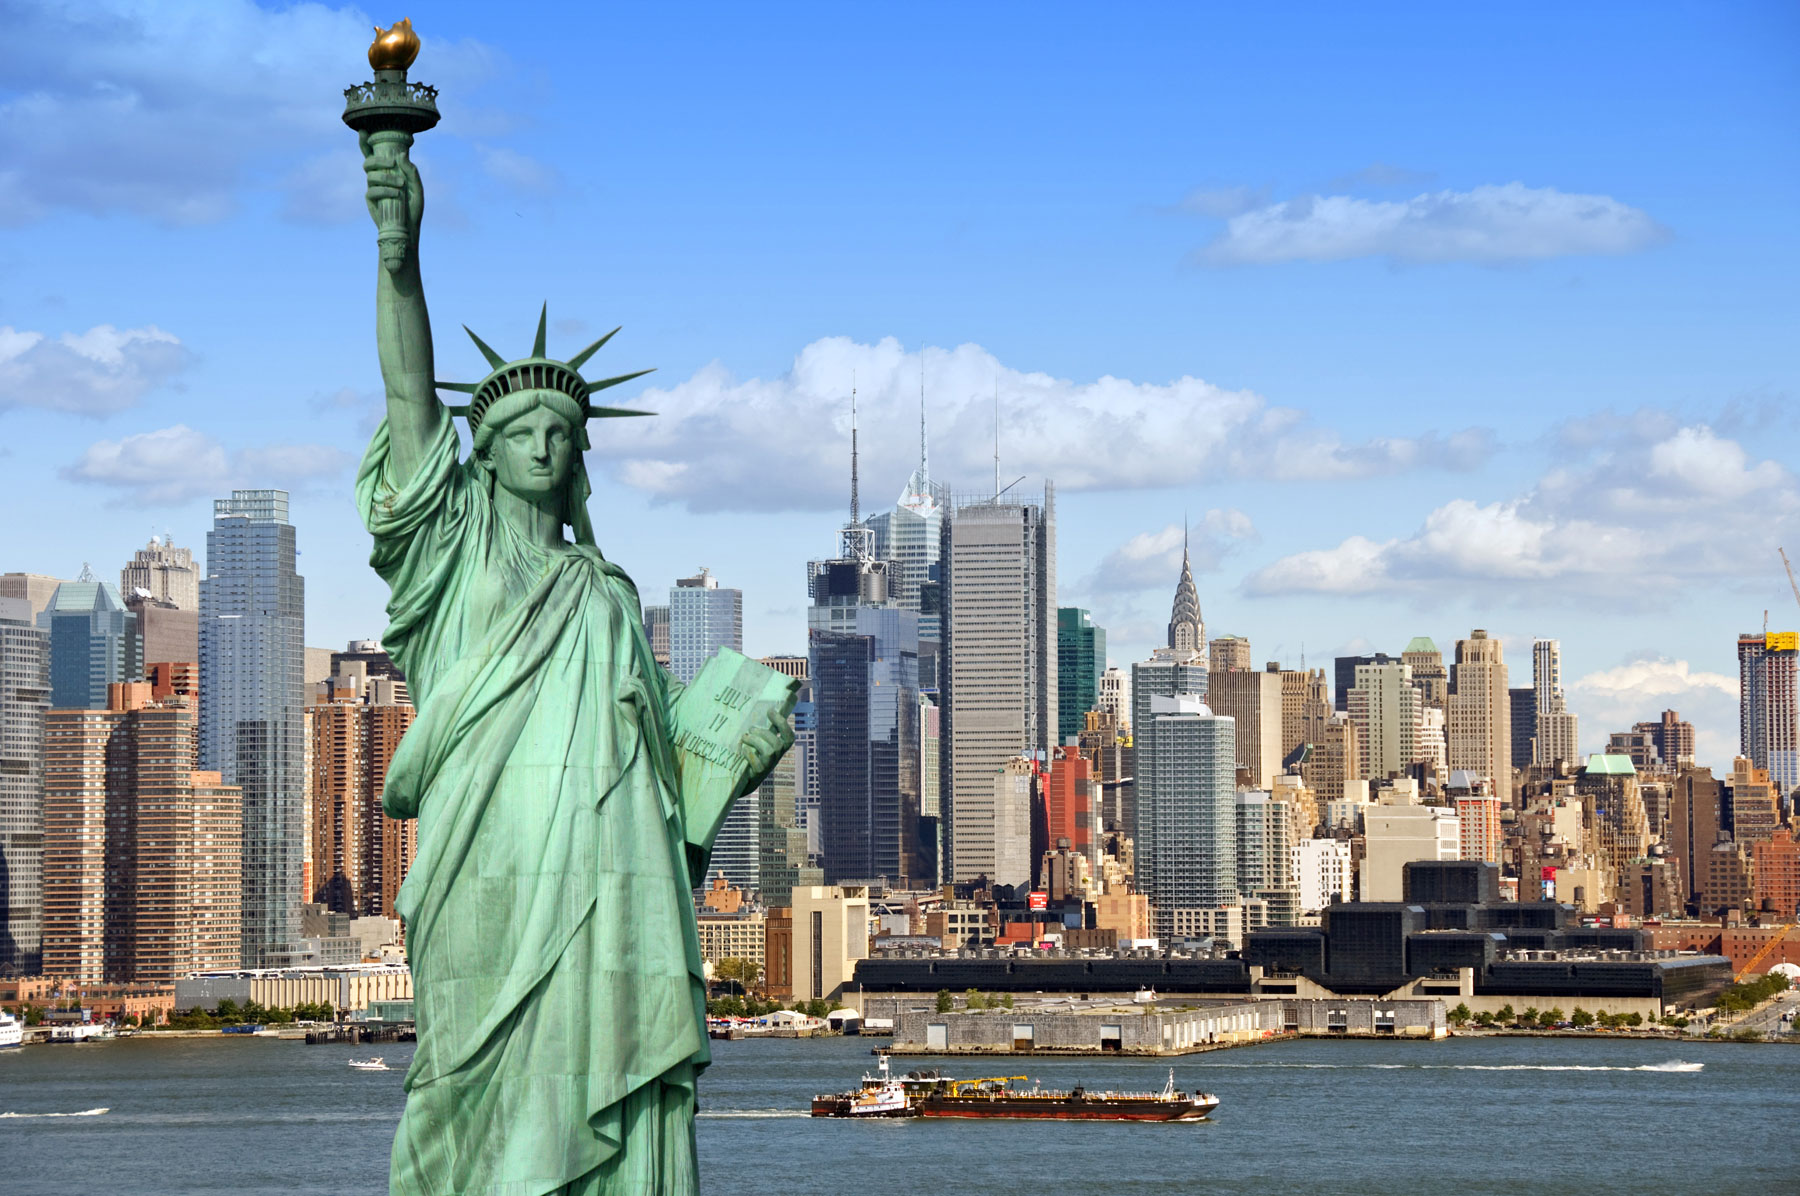 KIBRIS KONUSU NEW YORK'A TAŞINIYOR